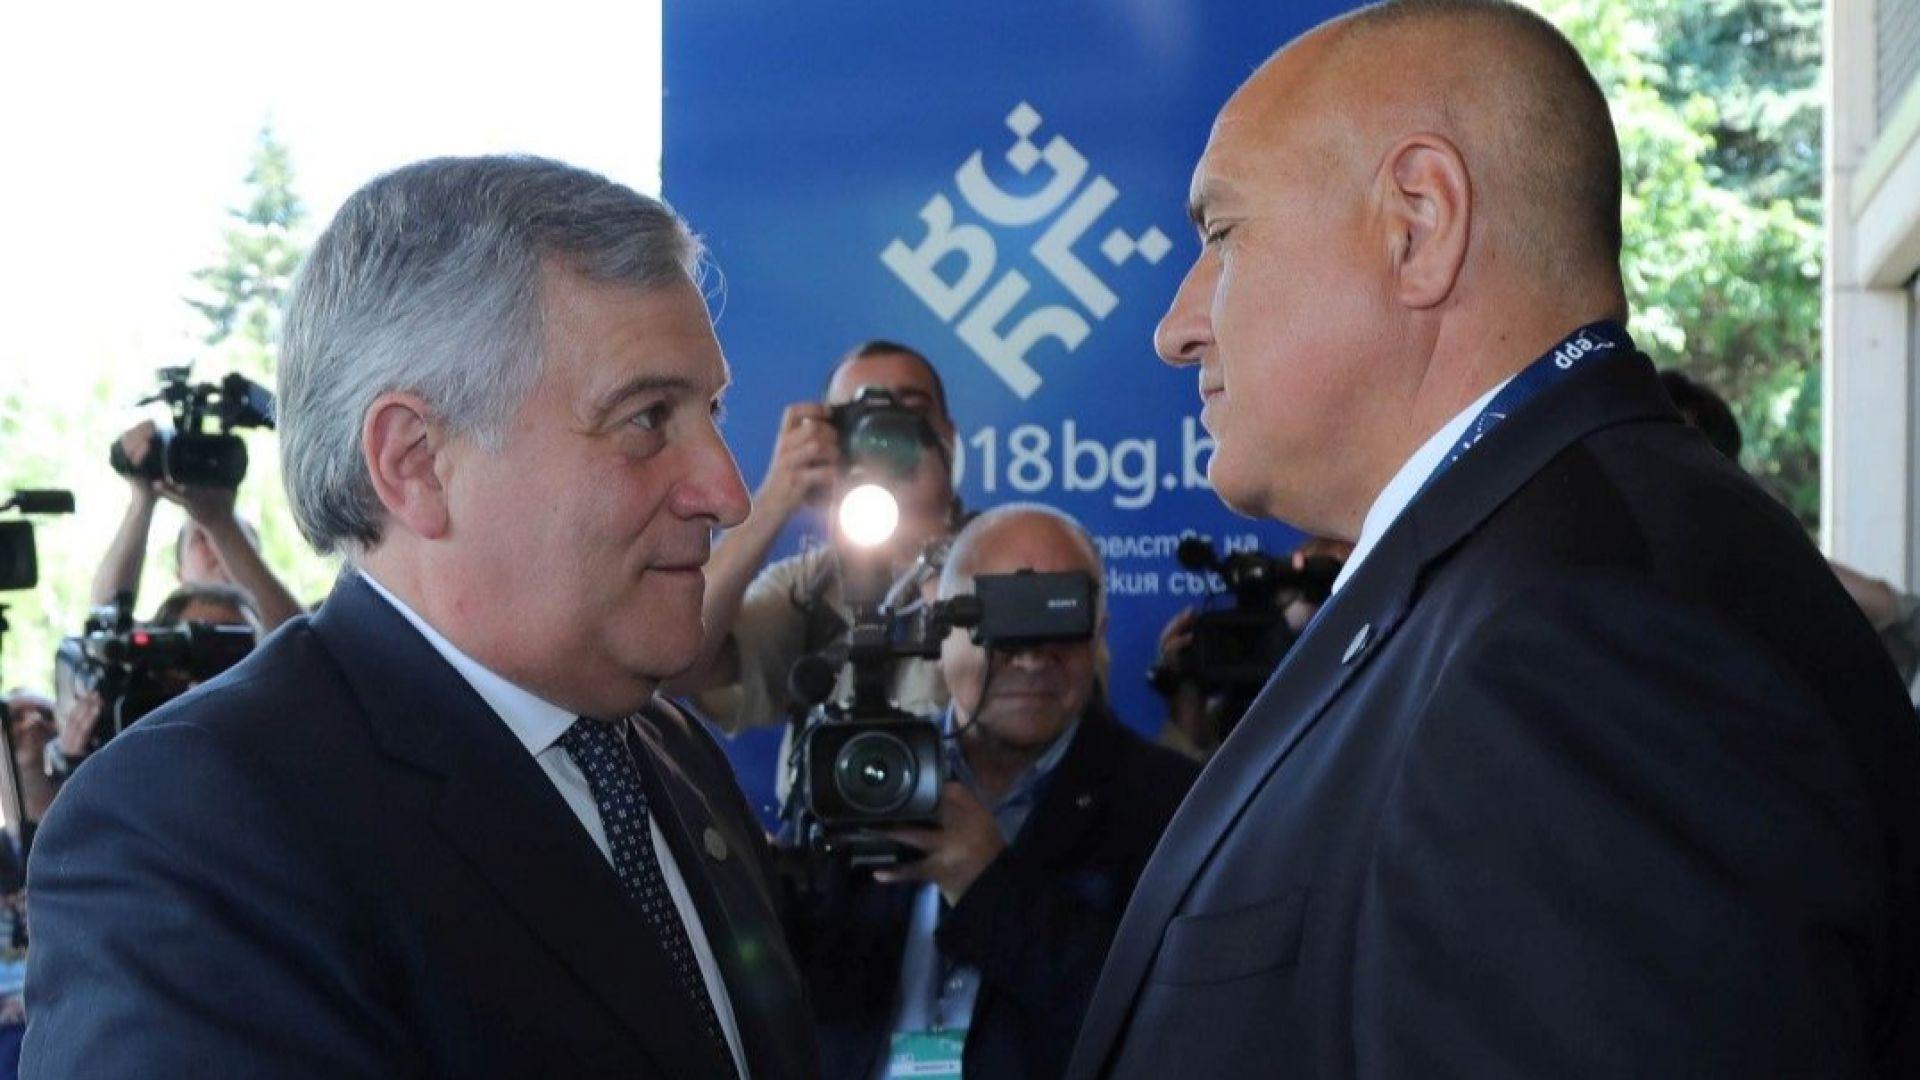 Антонио Таяни: ЕС да даде 10 млрд. евро за магистрали и жп на Балканите